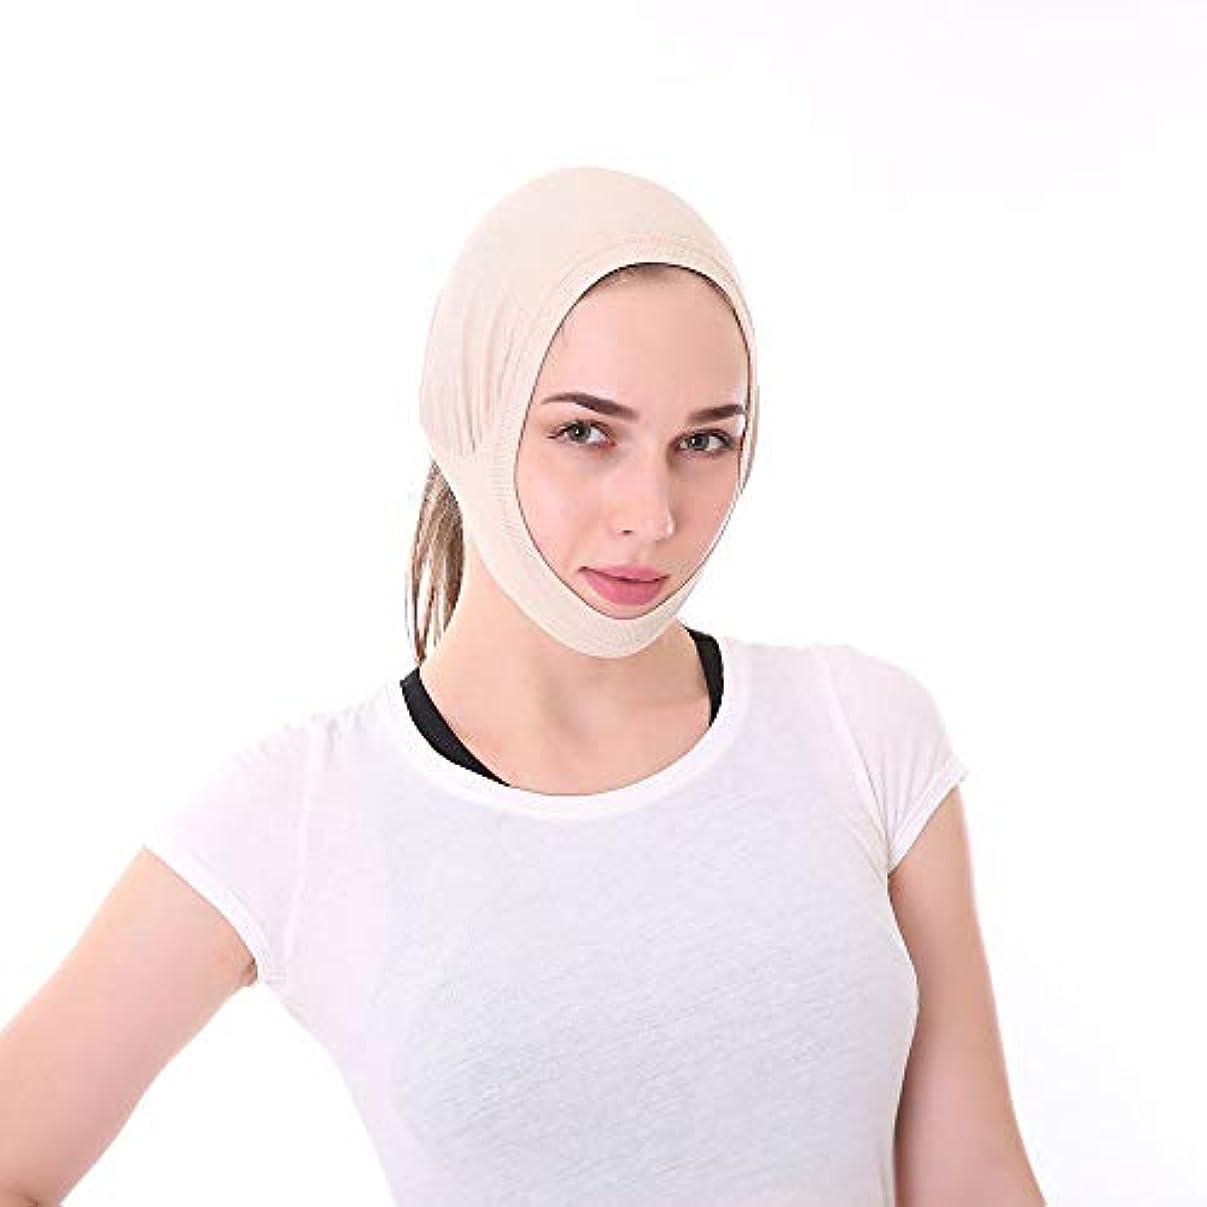 レベルやるバウンドフェイスリフティングベルト、フェイシャルVフェイス包帯/ダブルチン睡眠薄型フェイスベルト/引き締めリフティングフェイスマスク(カラー)